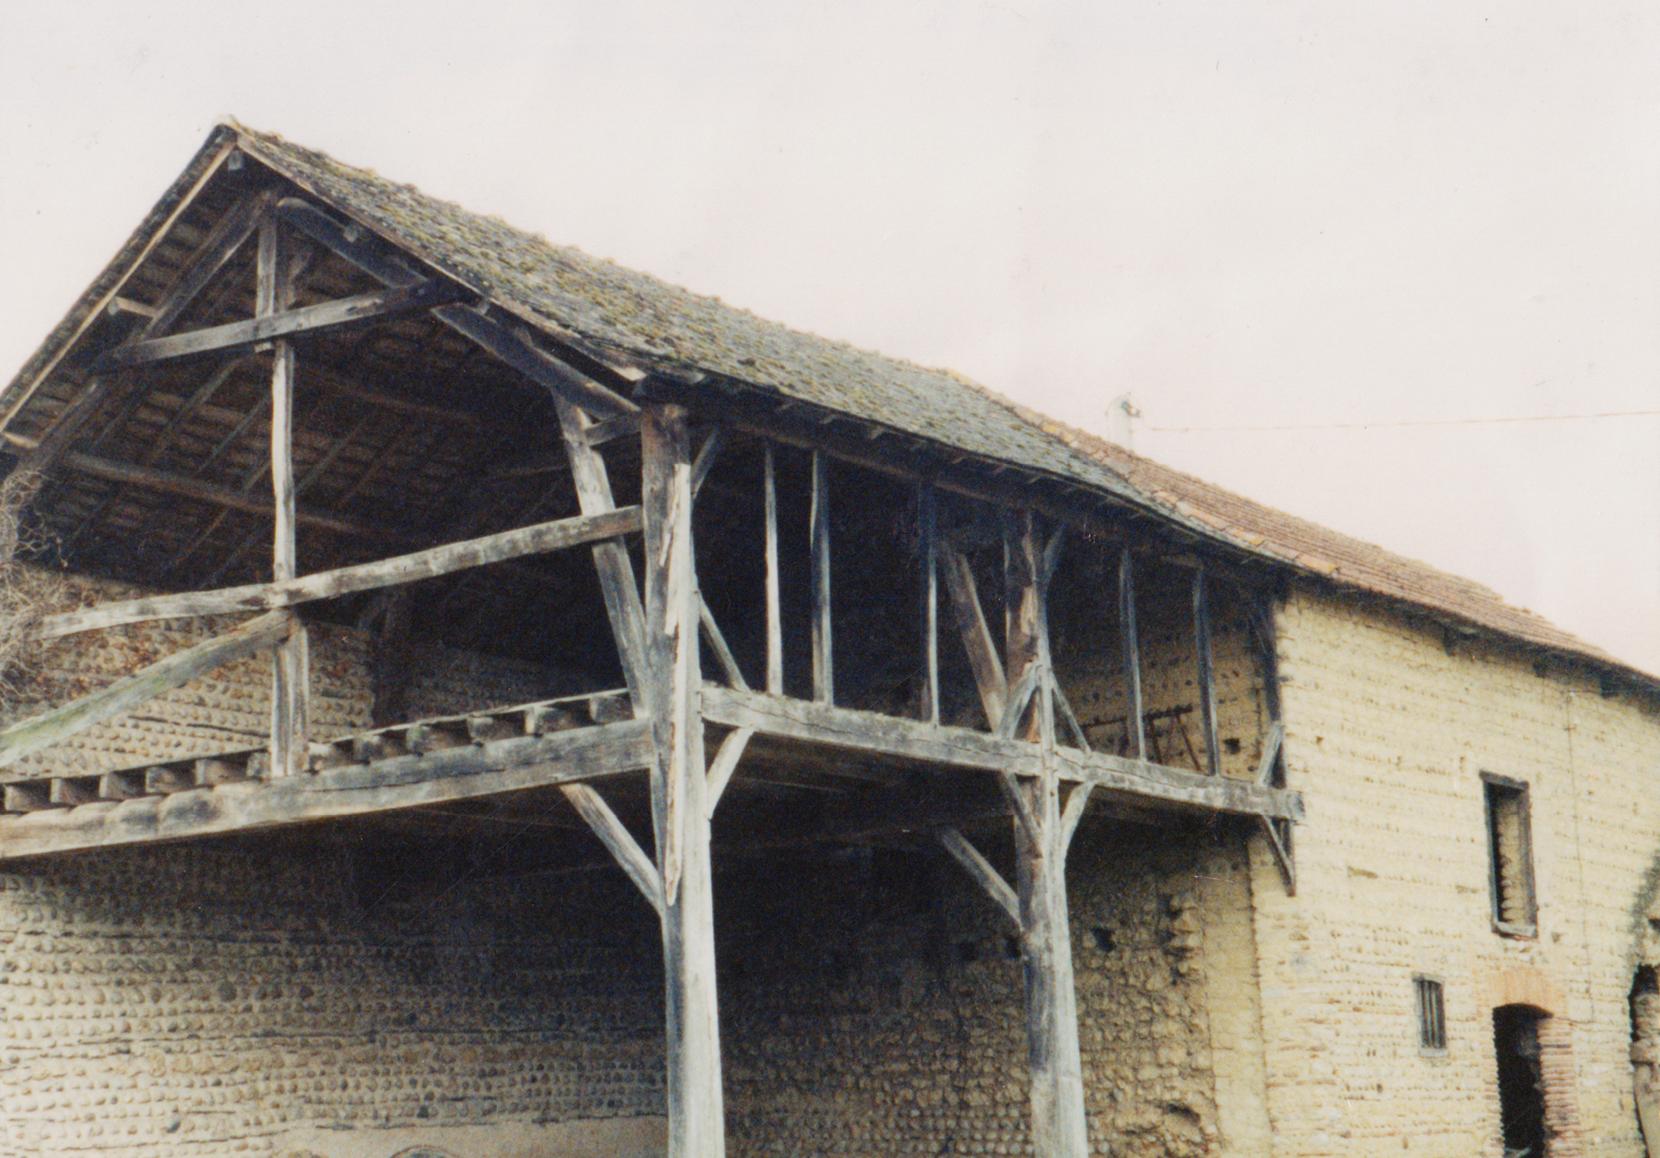 Vue 2 Bâtiment existant avant projet - 4 logements (65)